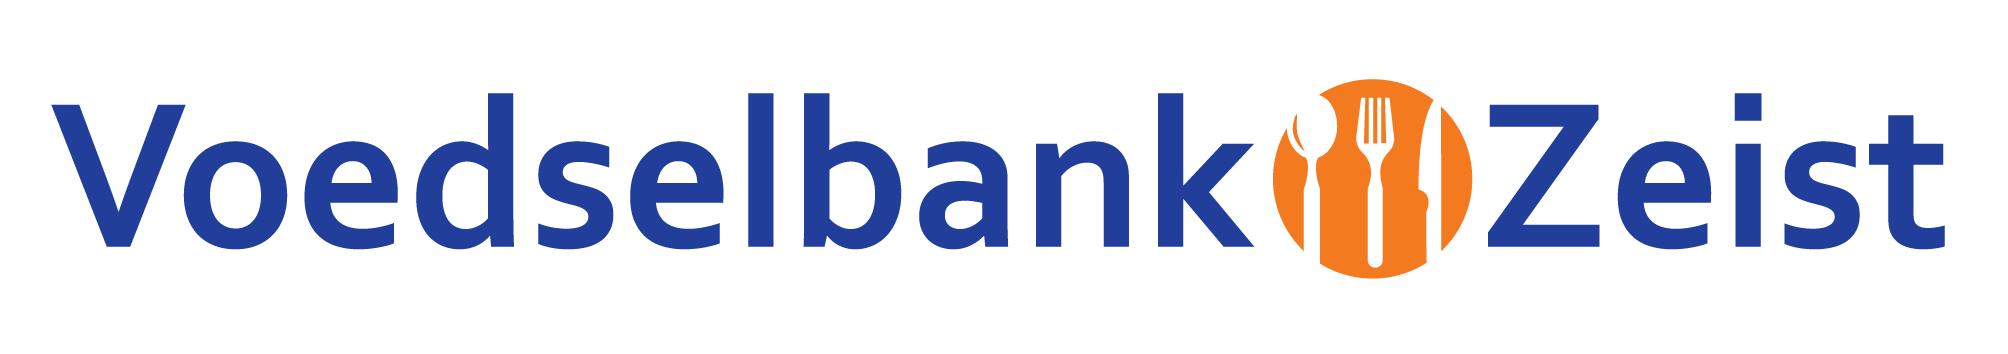 Voedselbank Zeist